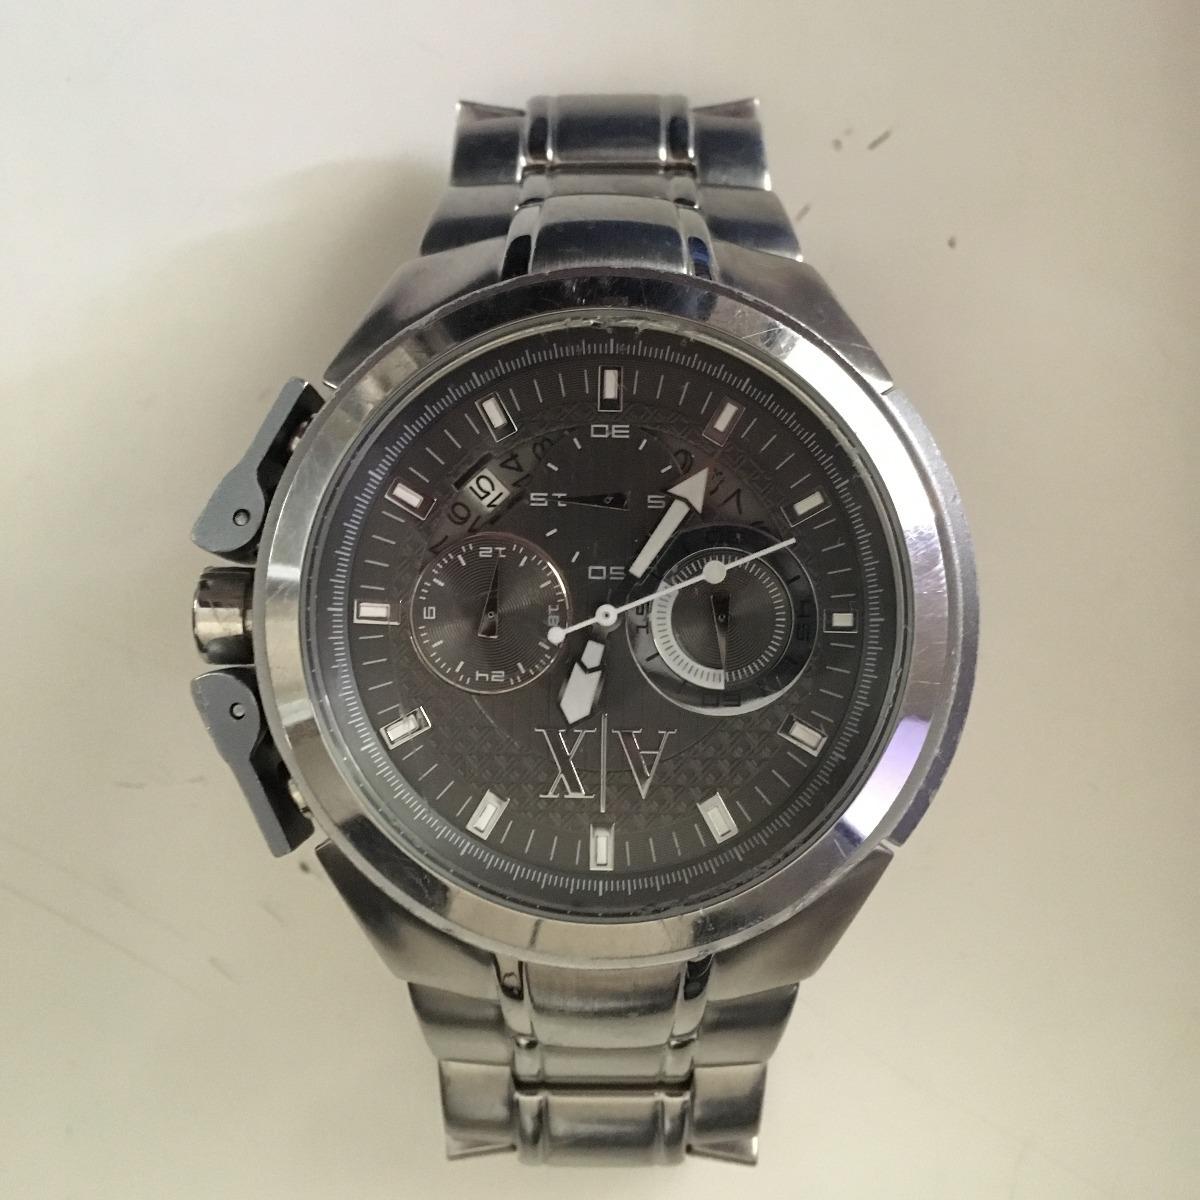 e5007ba936d Relógio Masculino Armani Exchange Ax1039 Importado Trocas - R  699 ...